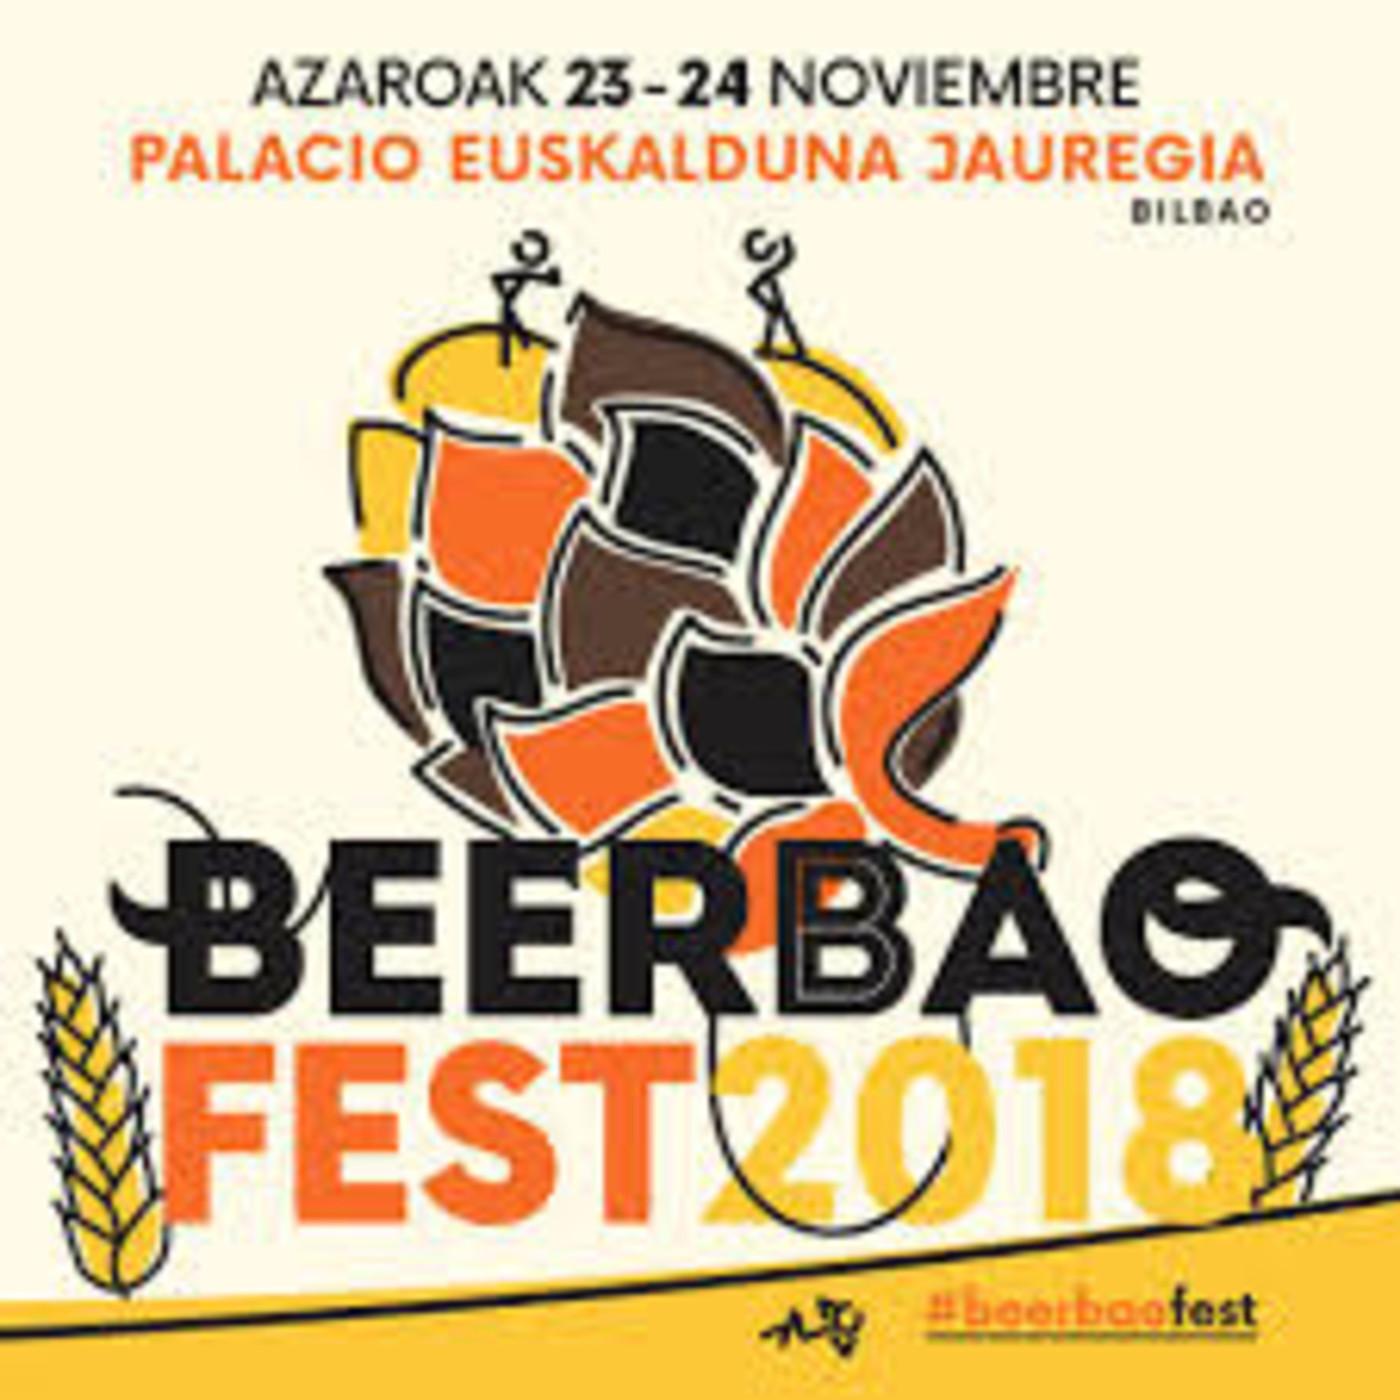 beerbao fest 2018